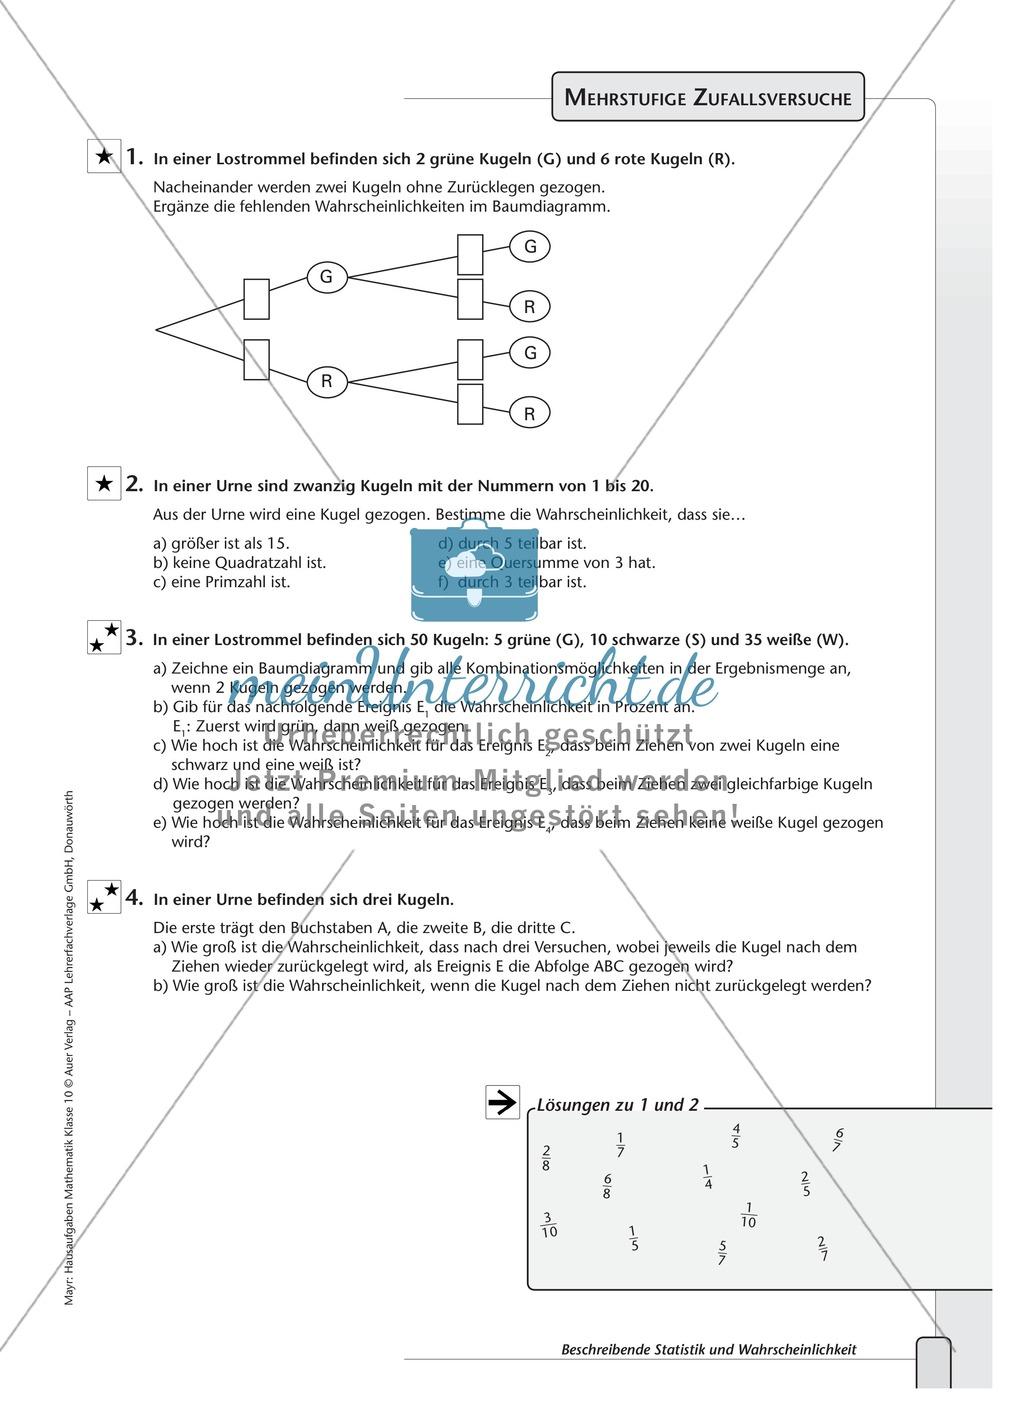 Vermischte Aufgaben zur Wahrscheinlichkeit und Statistik Preview 3